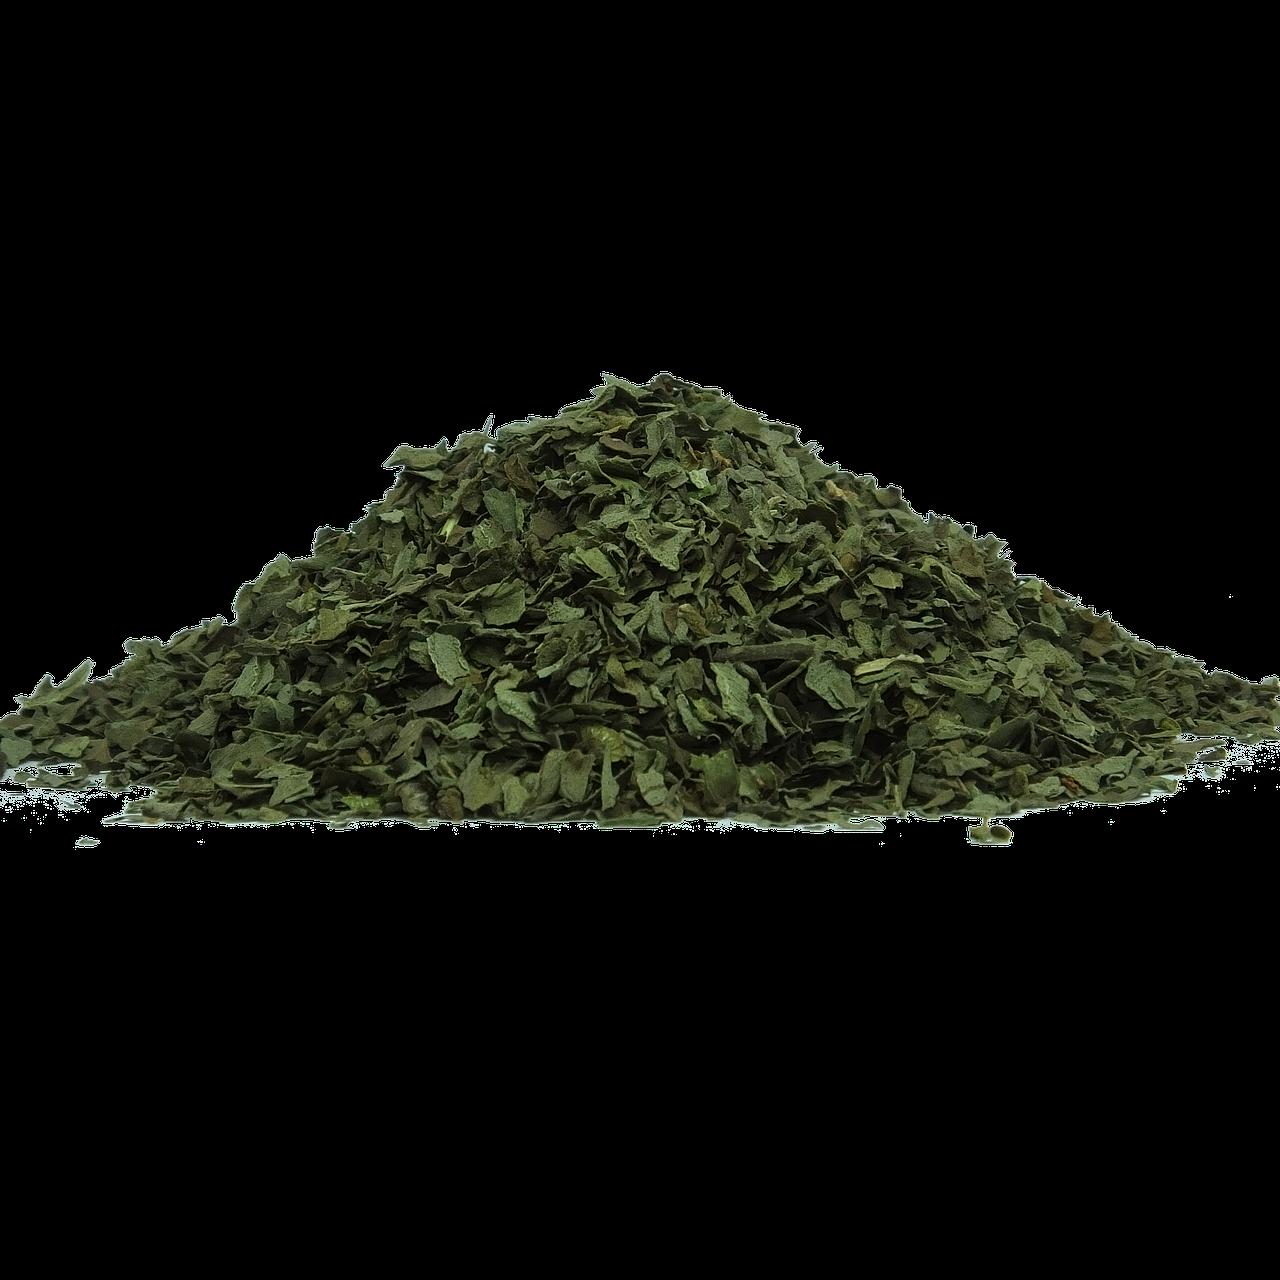 Grüner Tee und seine besondere Wirkung